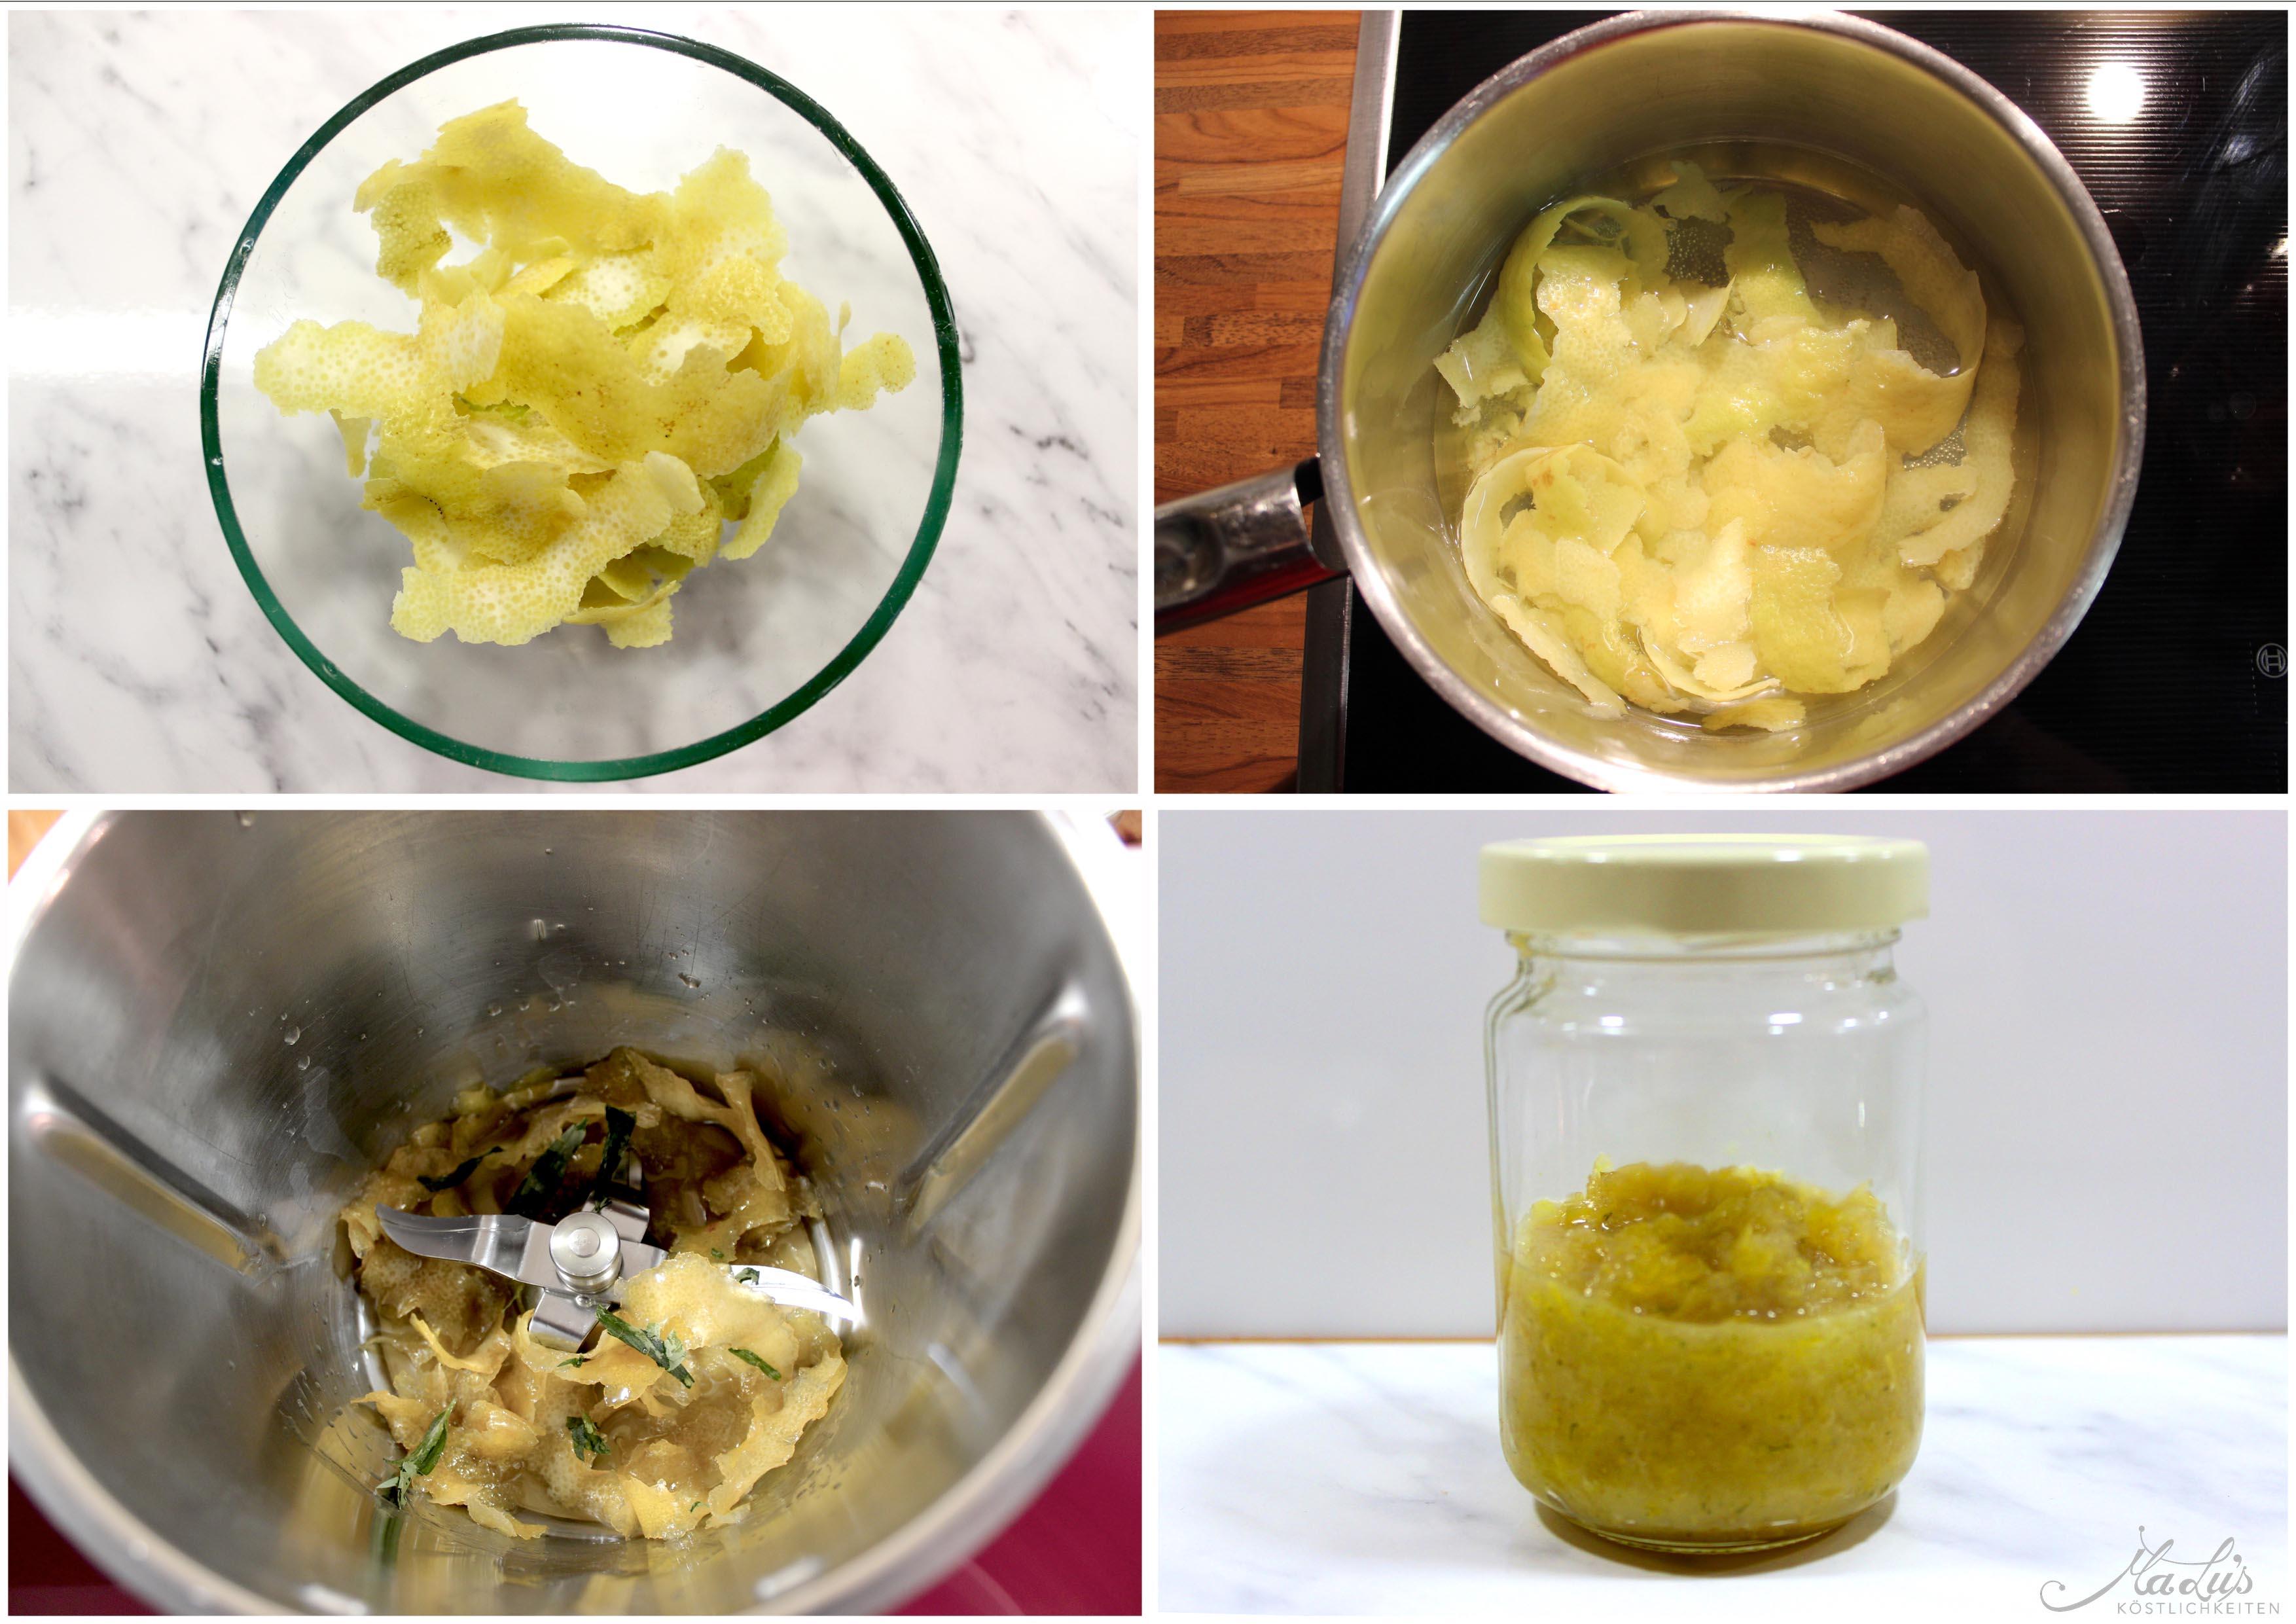 Confit Citron